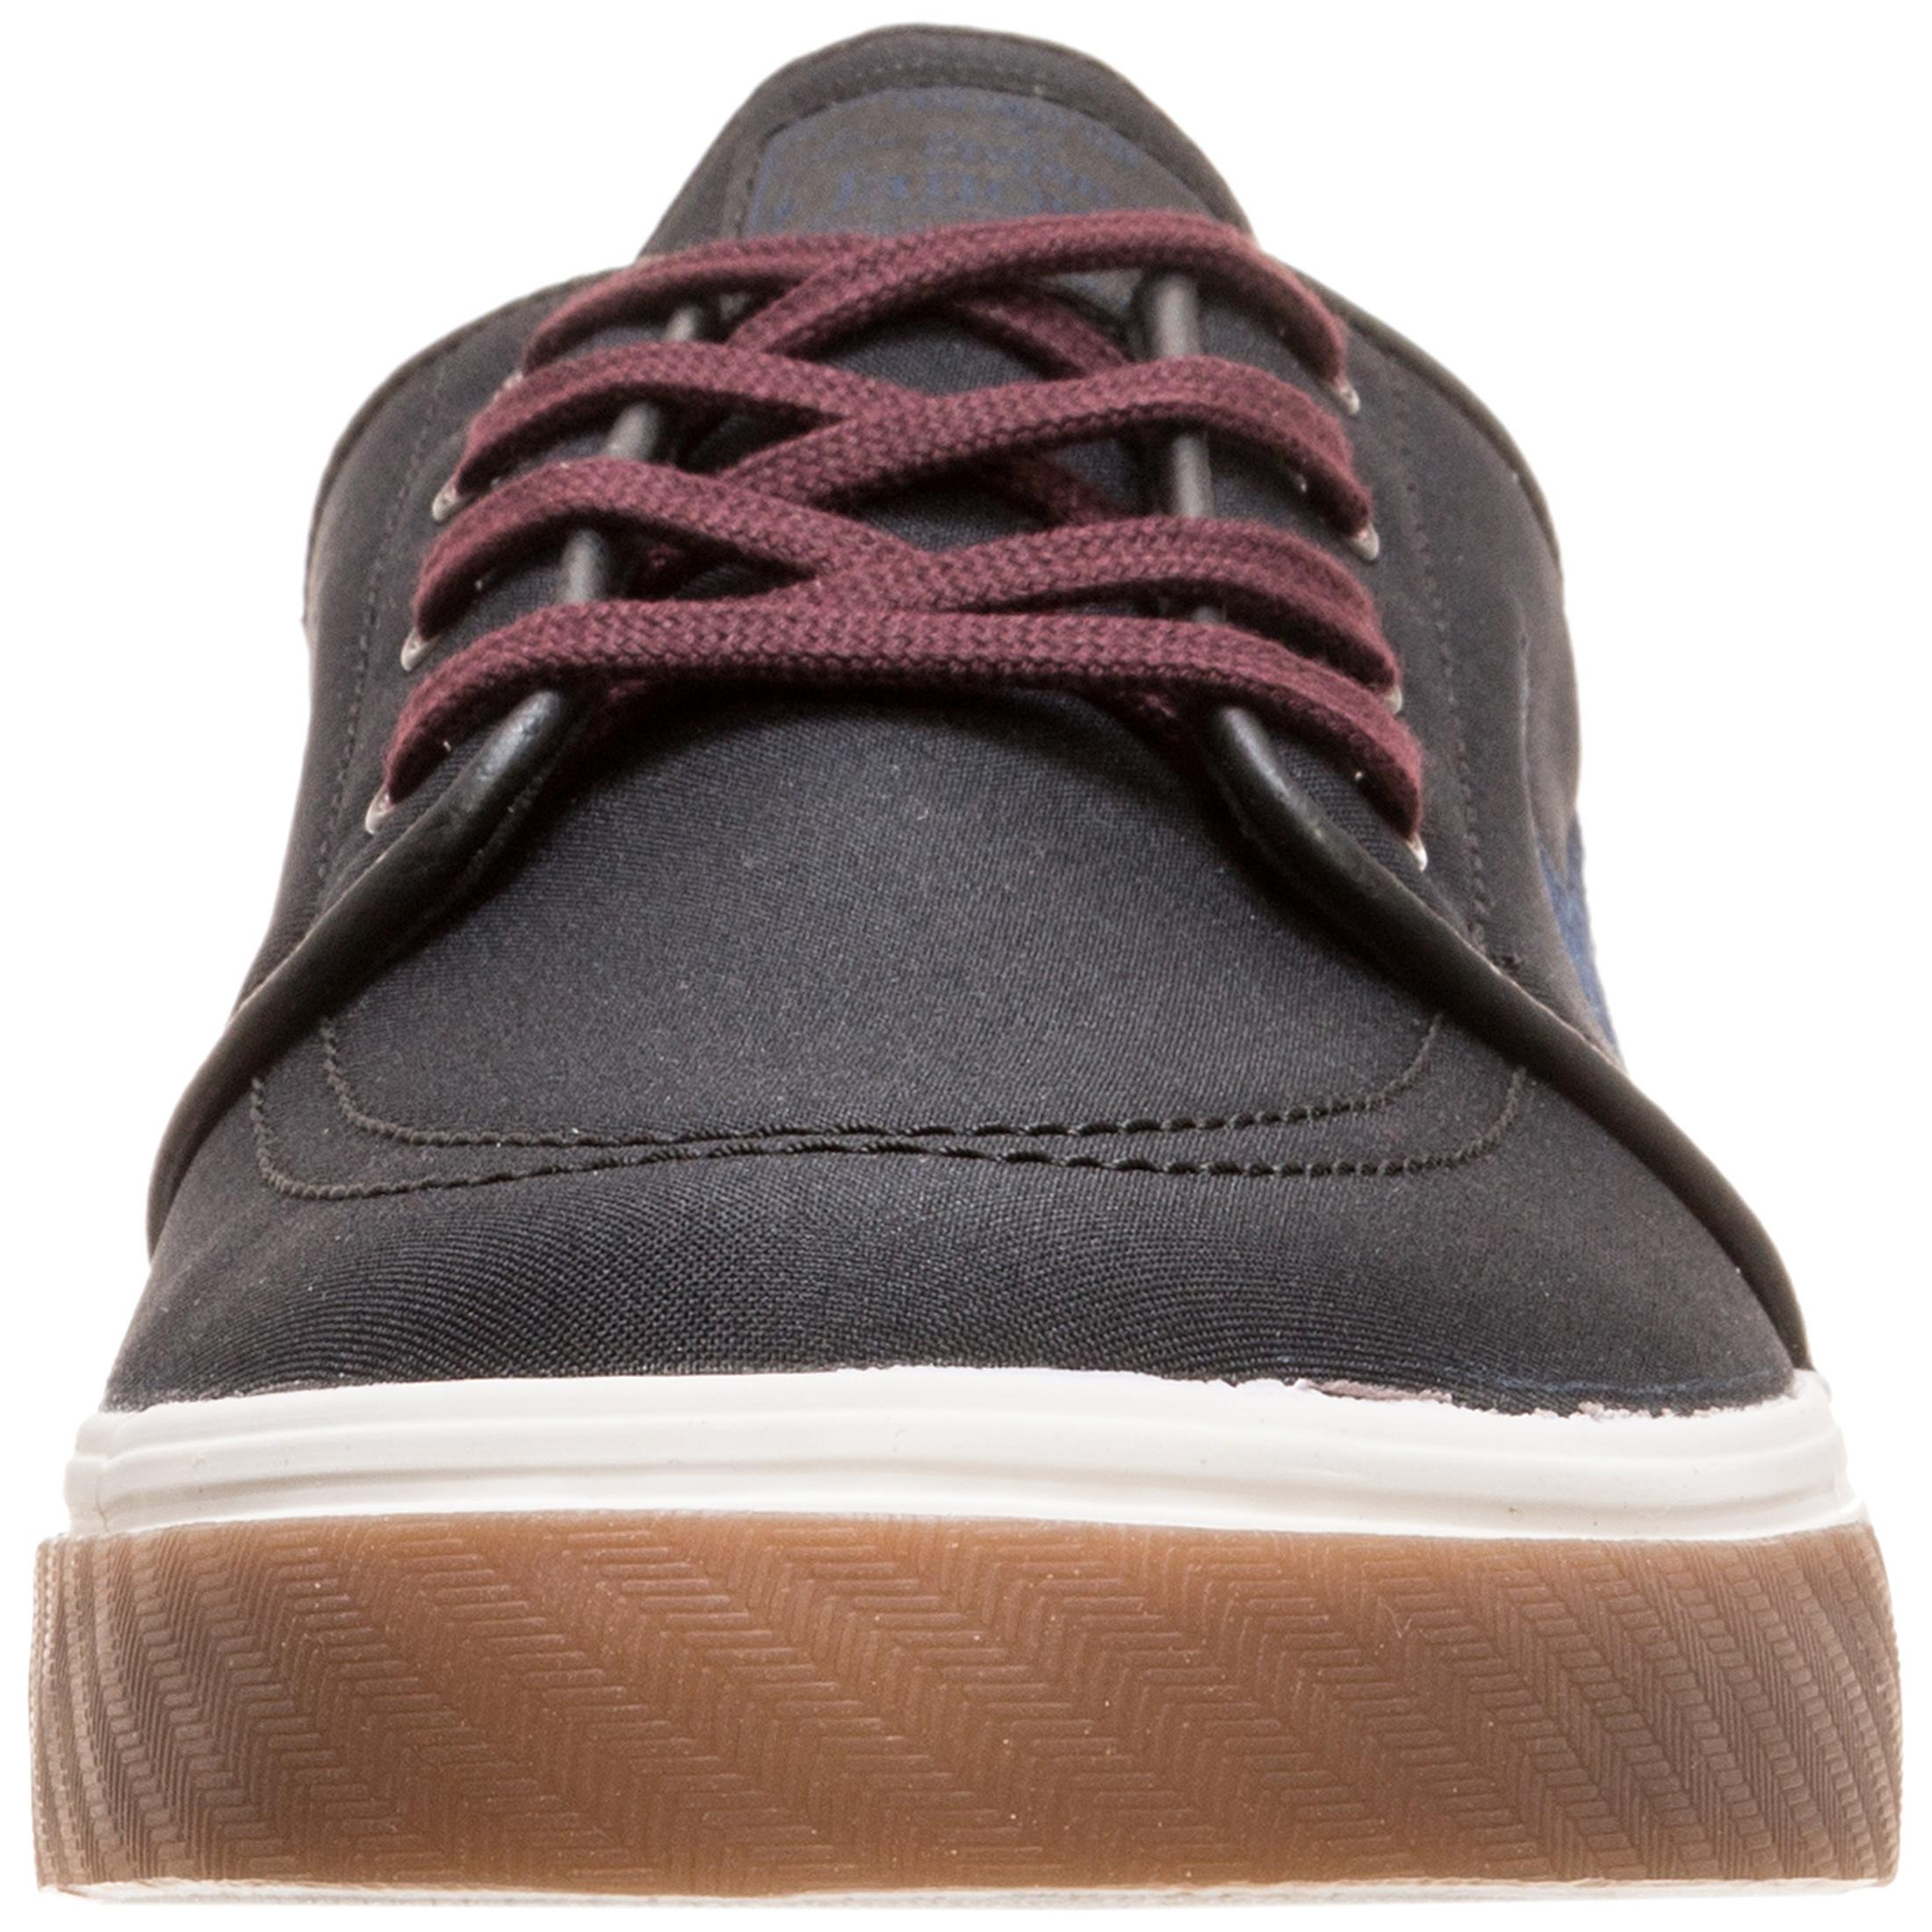 Nike Zoom Stefan Janoski Canvas Sneaker Herren grau grau grau / braun im Online Shop von SportScheck kaufen Gute Qualität beliebte Schuhe 4f9b2f